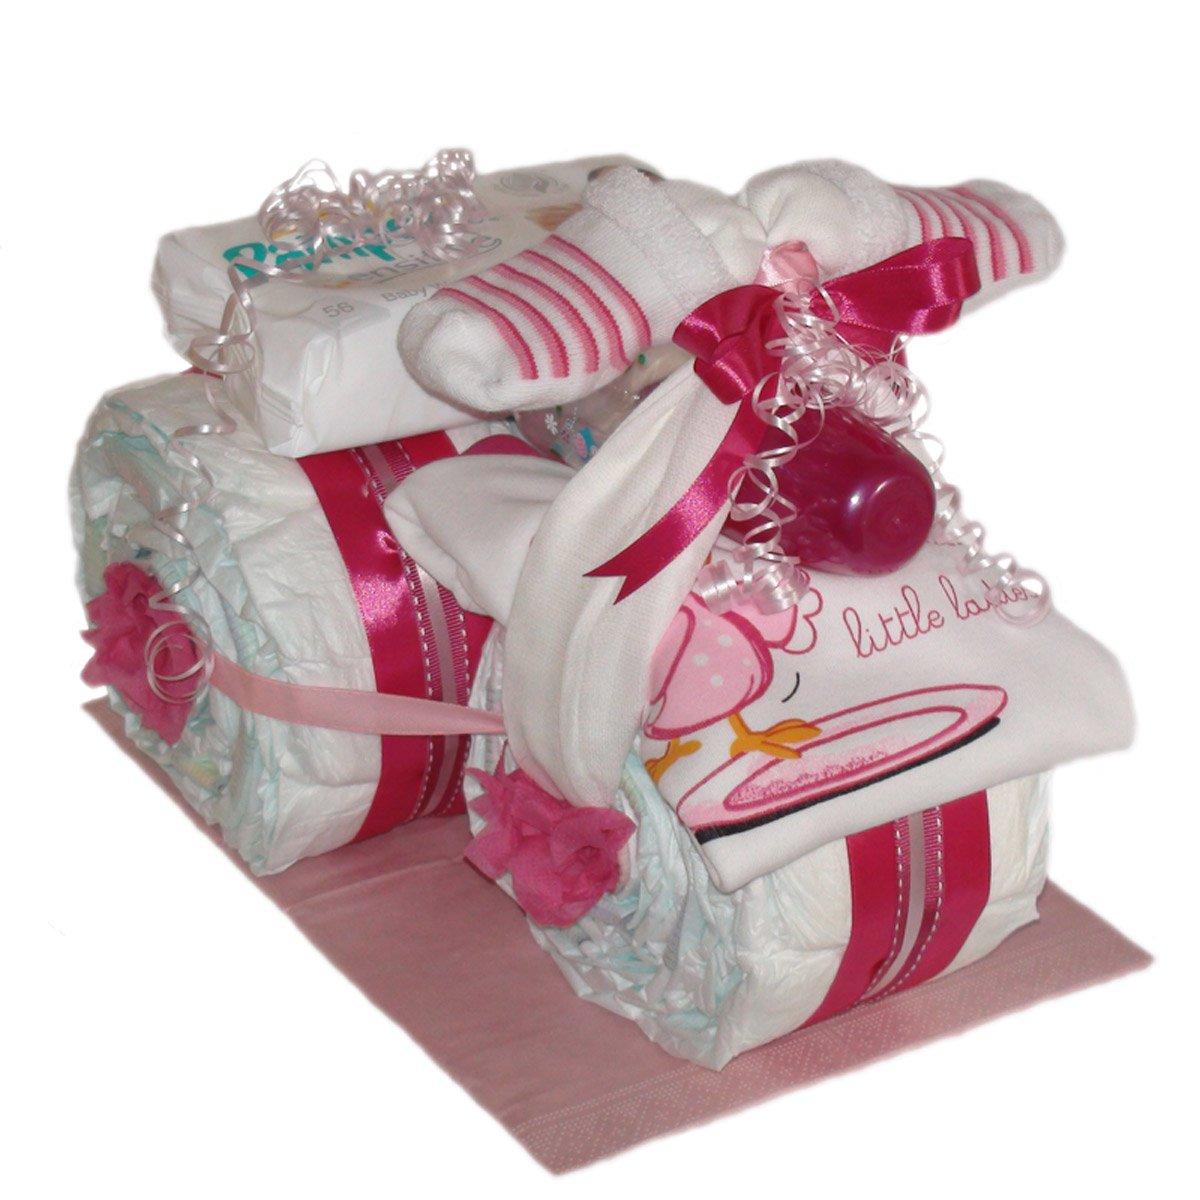 Großes Windeldreirad Girl Tolles Geschenk zur Taufe oder Geburt Windeltorten.Eu